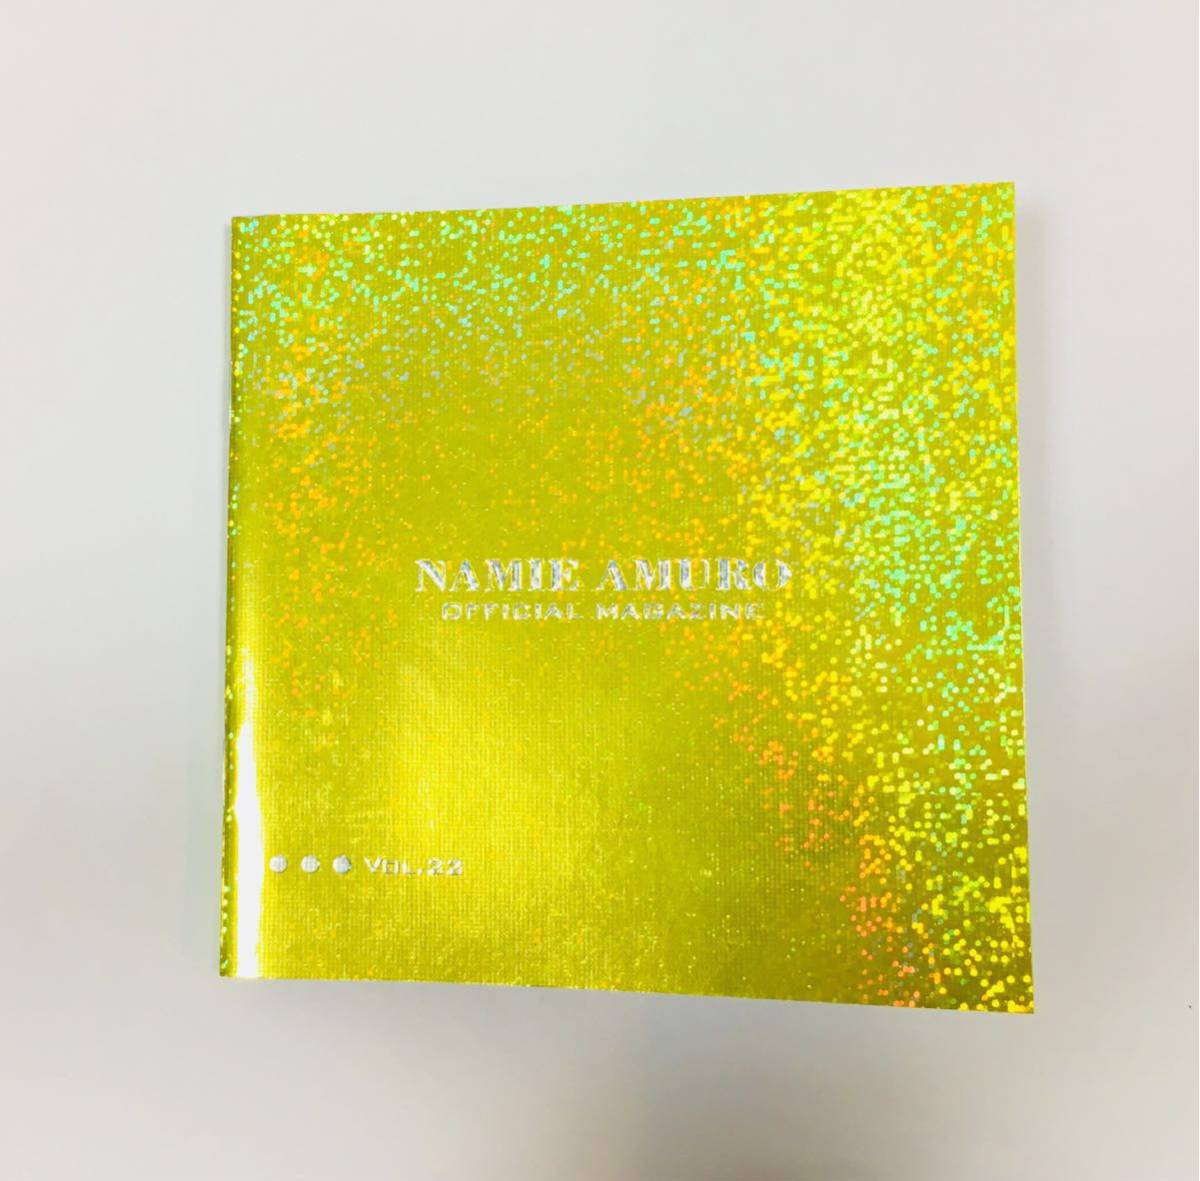 安室奈美恵・会報・vol.22・ファンクラブ・fanspace